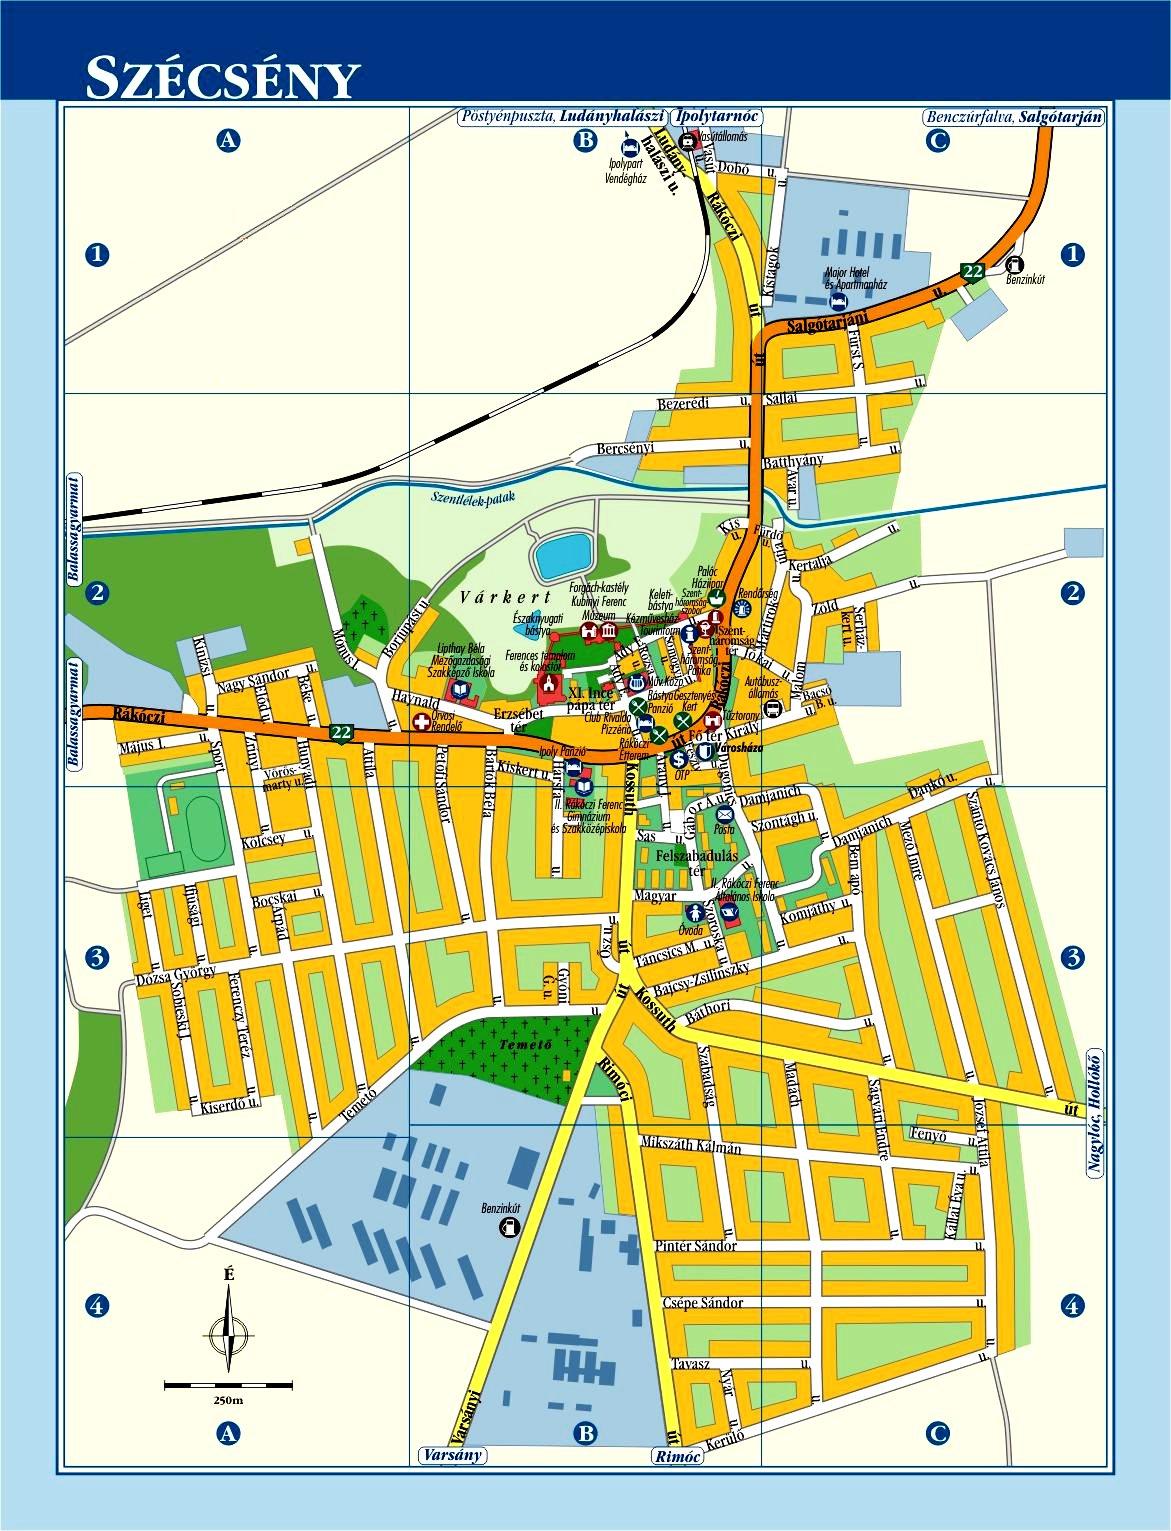 esztergom belváros térkép MAGYAR BARANGOLÓ: Szécsény esztergom belváros térkép